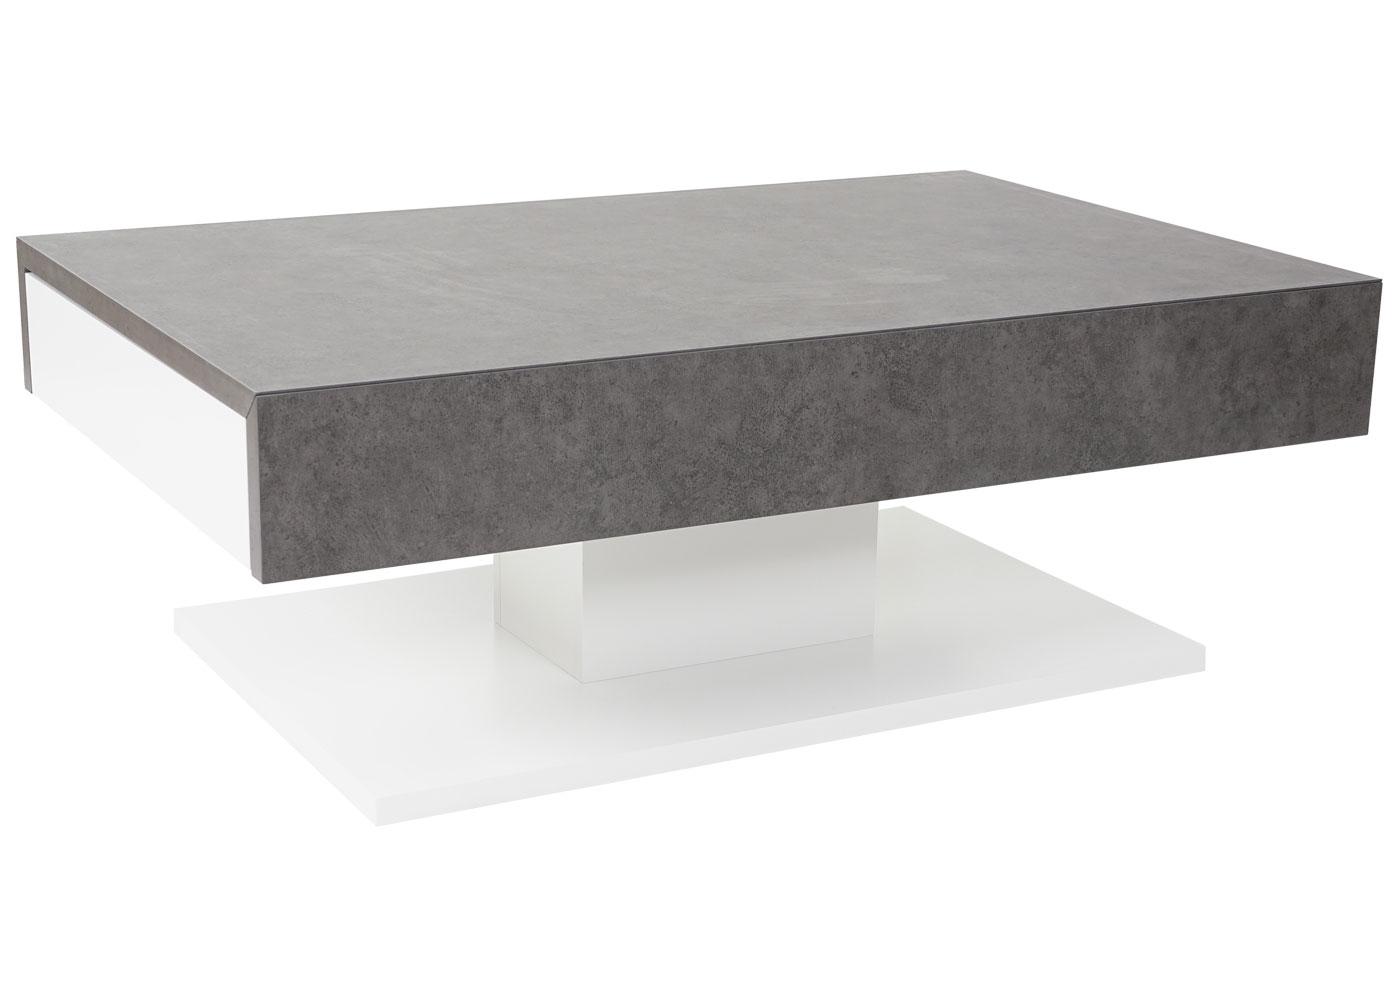 mca couchtisch hwc a26 wohnzimmertisch beton optik